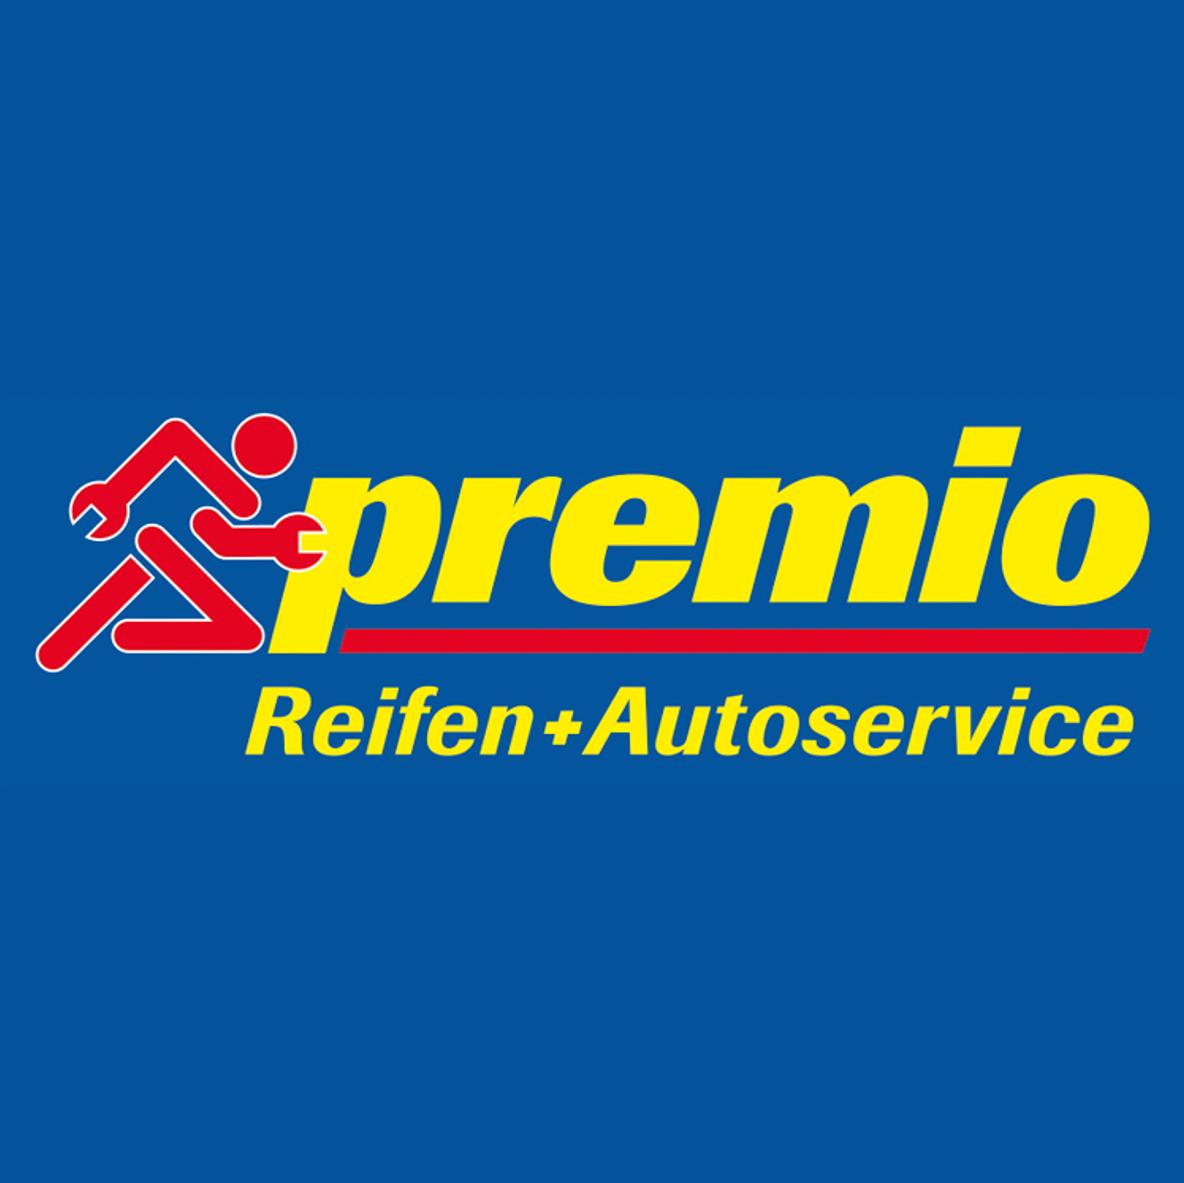 Premio Reifen + Autoservice Bierbaum GmbH